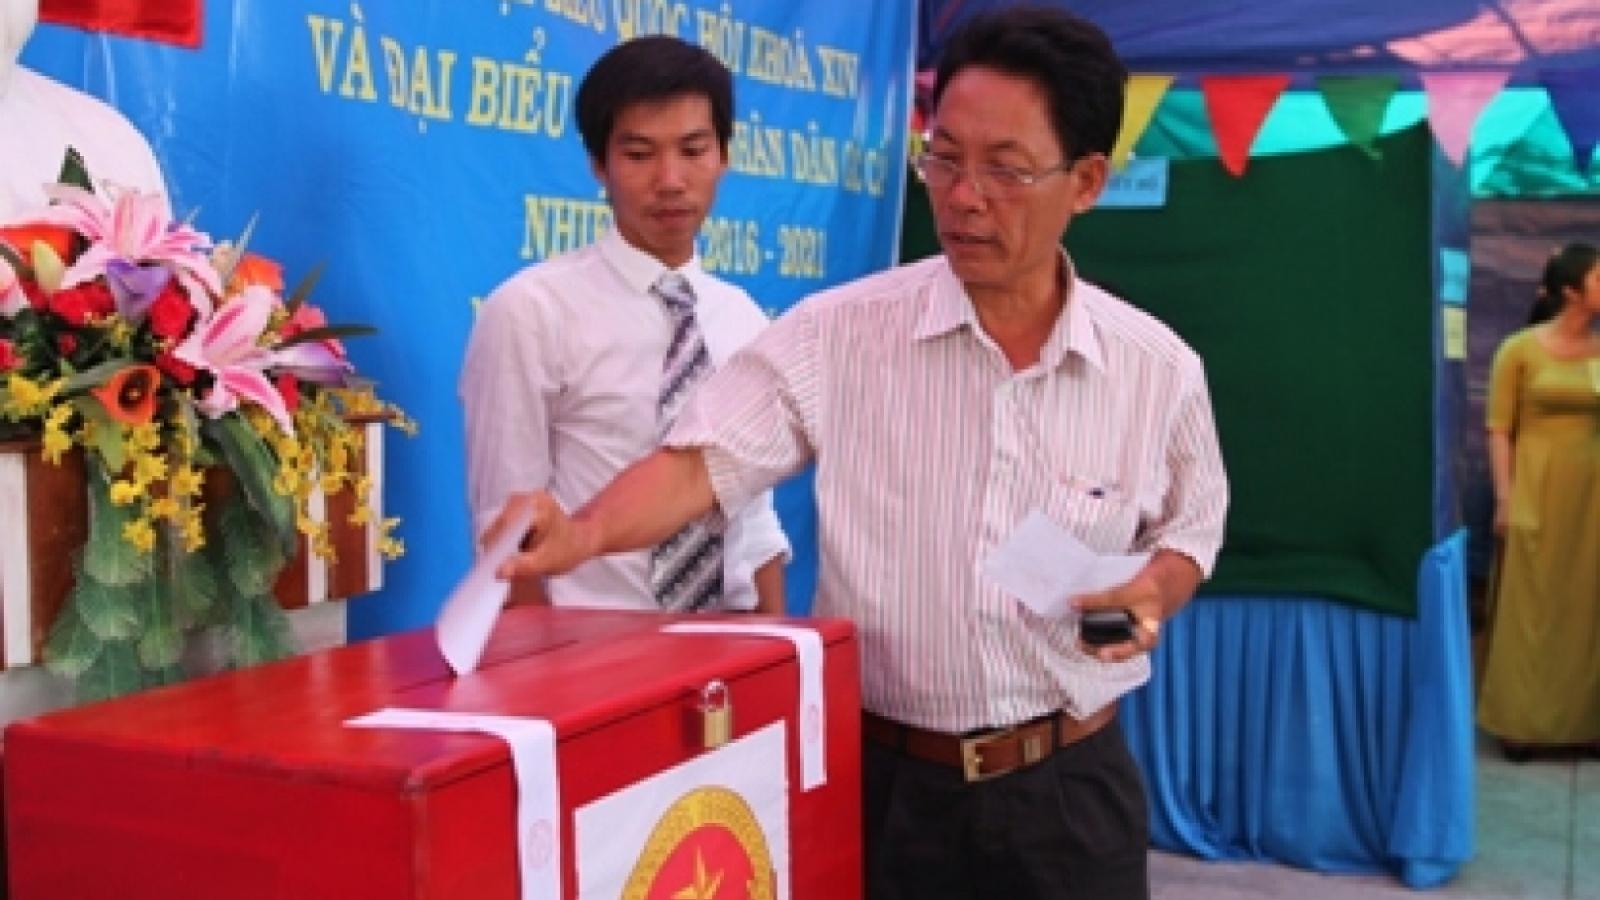 6 xã biên giới tại huyện Nam Giang, tỉnh Quảng Nam được bầu cử sớm vào ngày 16/5